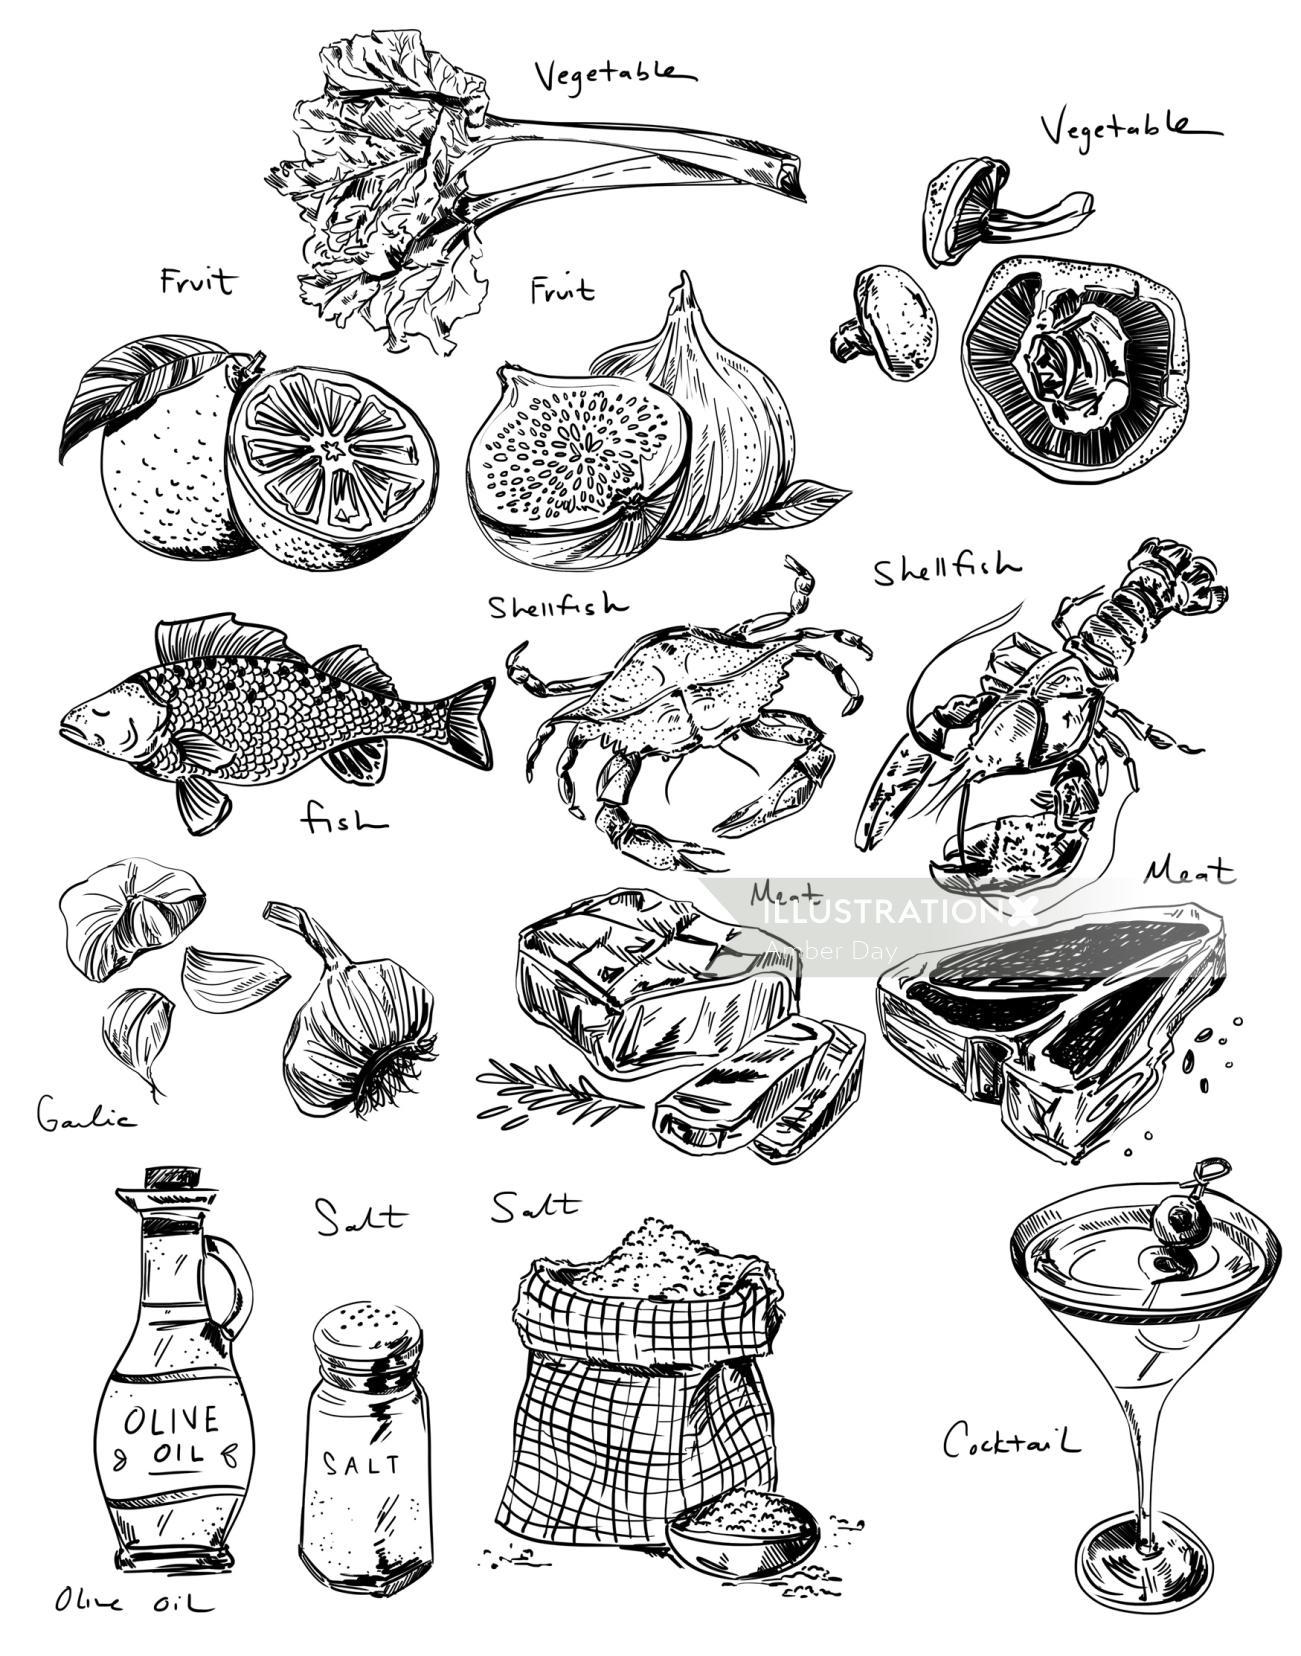 black, line, sketch, food, culinary, flat, steak, fish, vegetable, beverage, white, simple, minimal